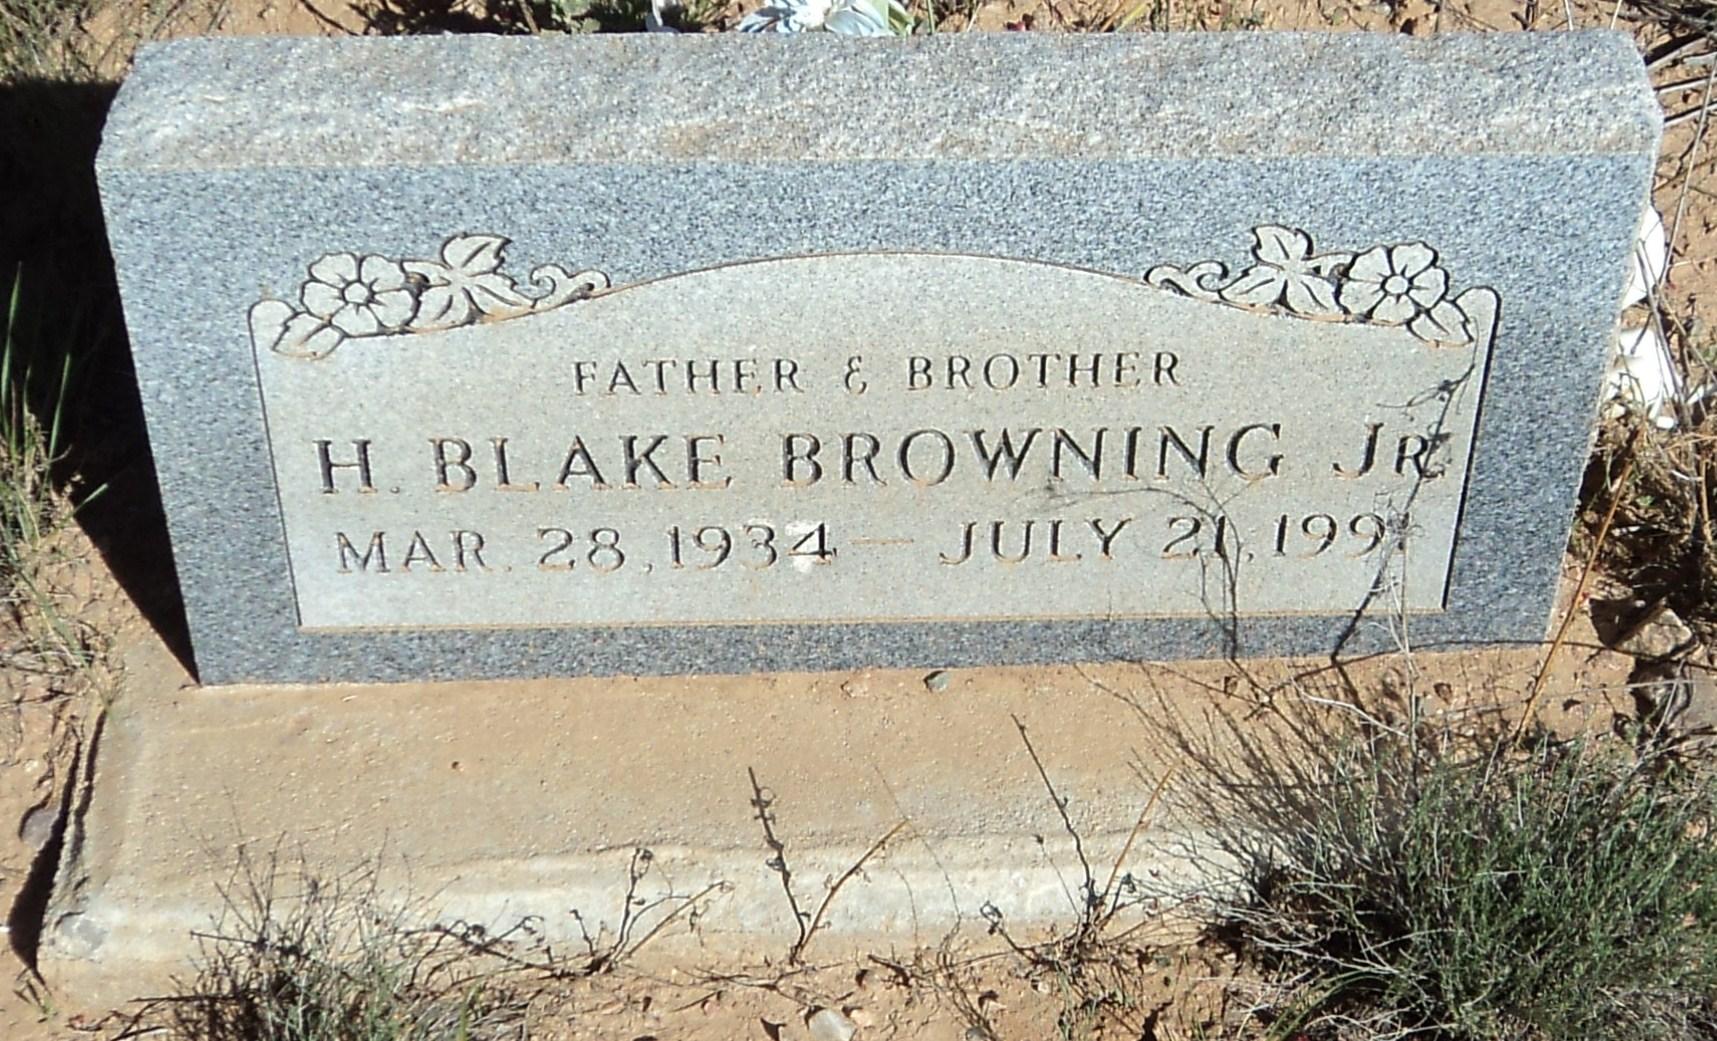 Homer Blake Browning, Jr